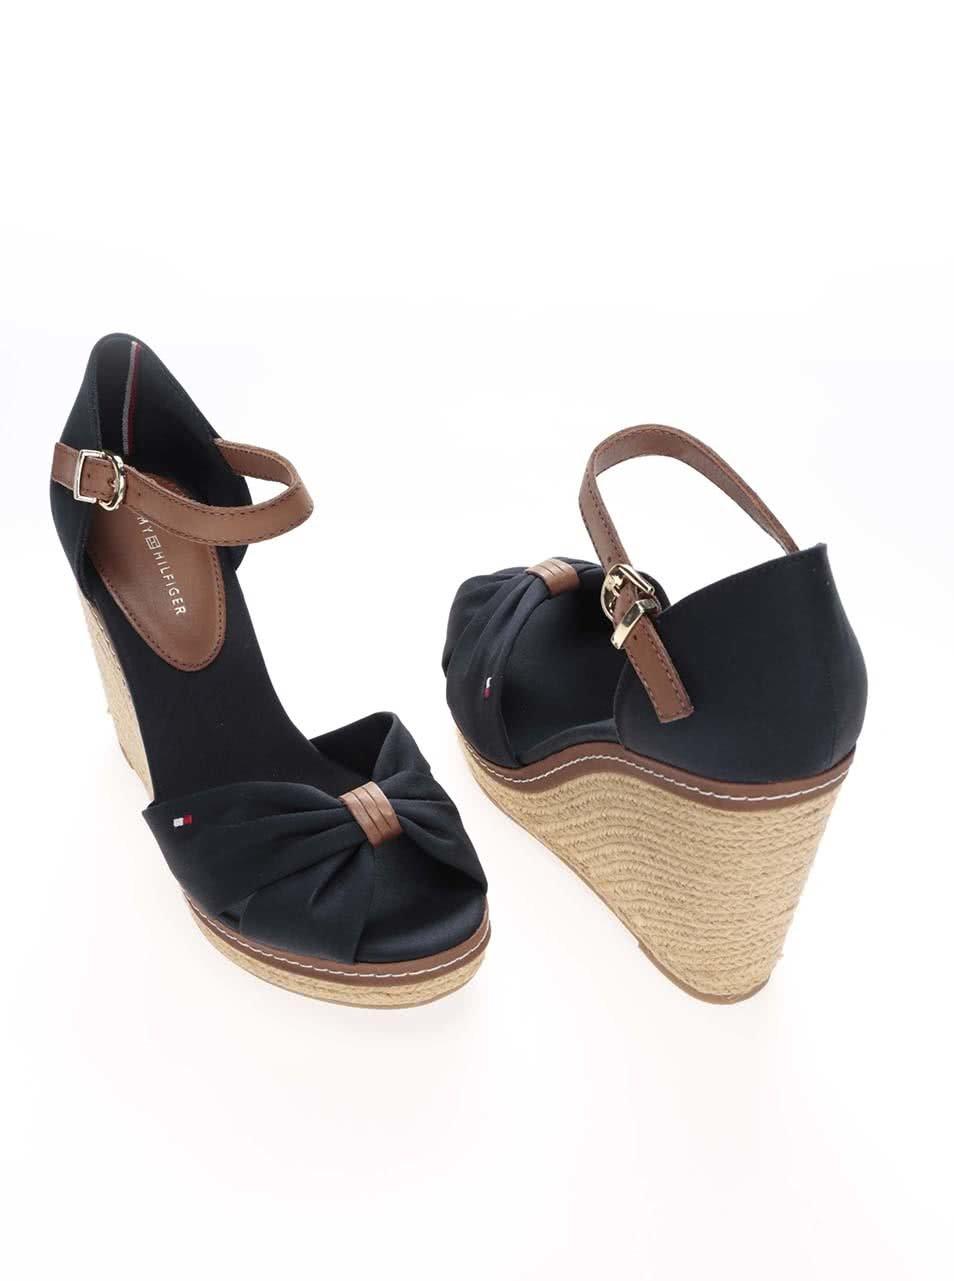 7ee003926820 Tmavomodré dámske topánky na platforme Tommy Hilfiger ...